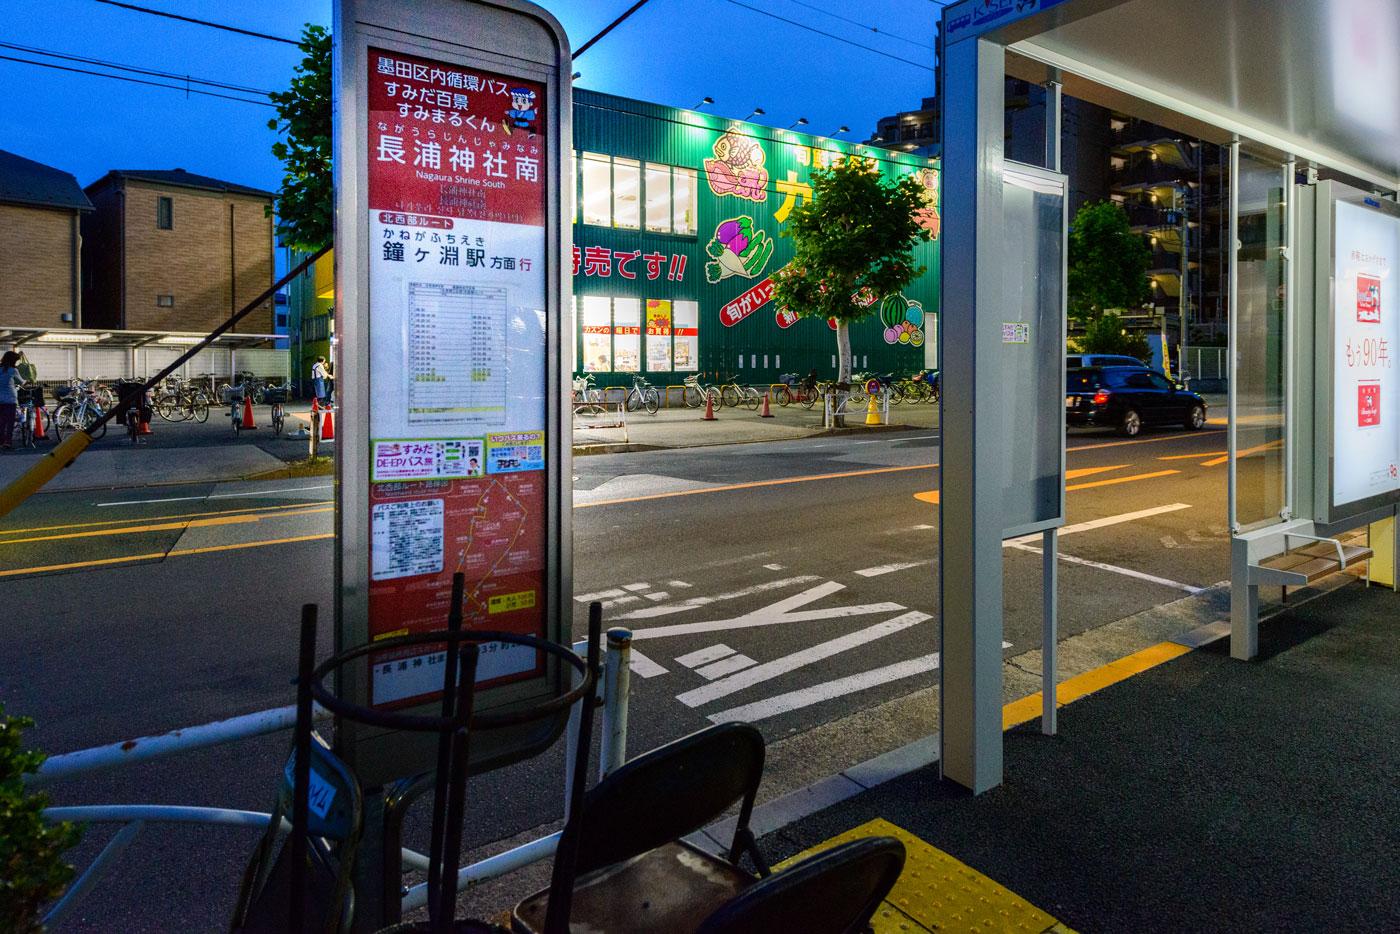 現地そば(26m)のバス停から区内循環バス「すみまるくん」が利用できます。